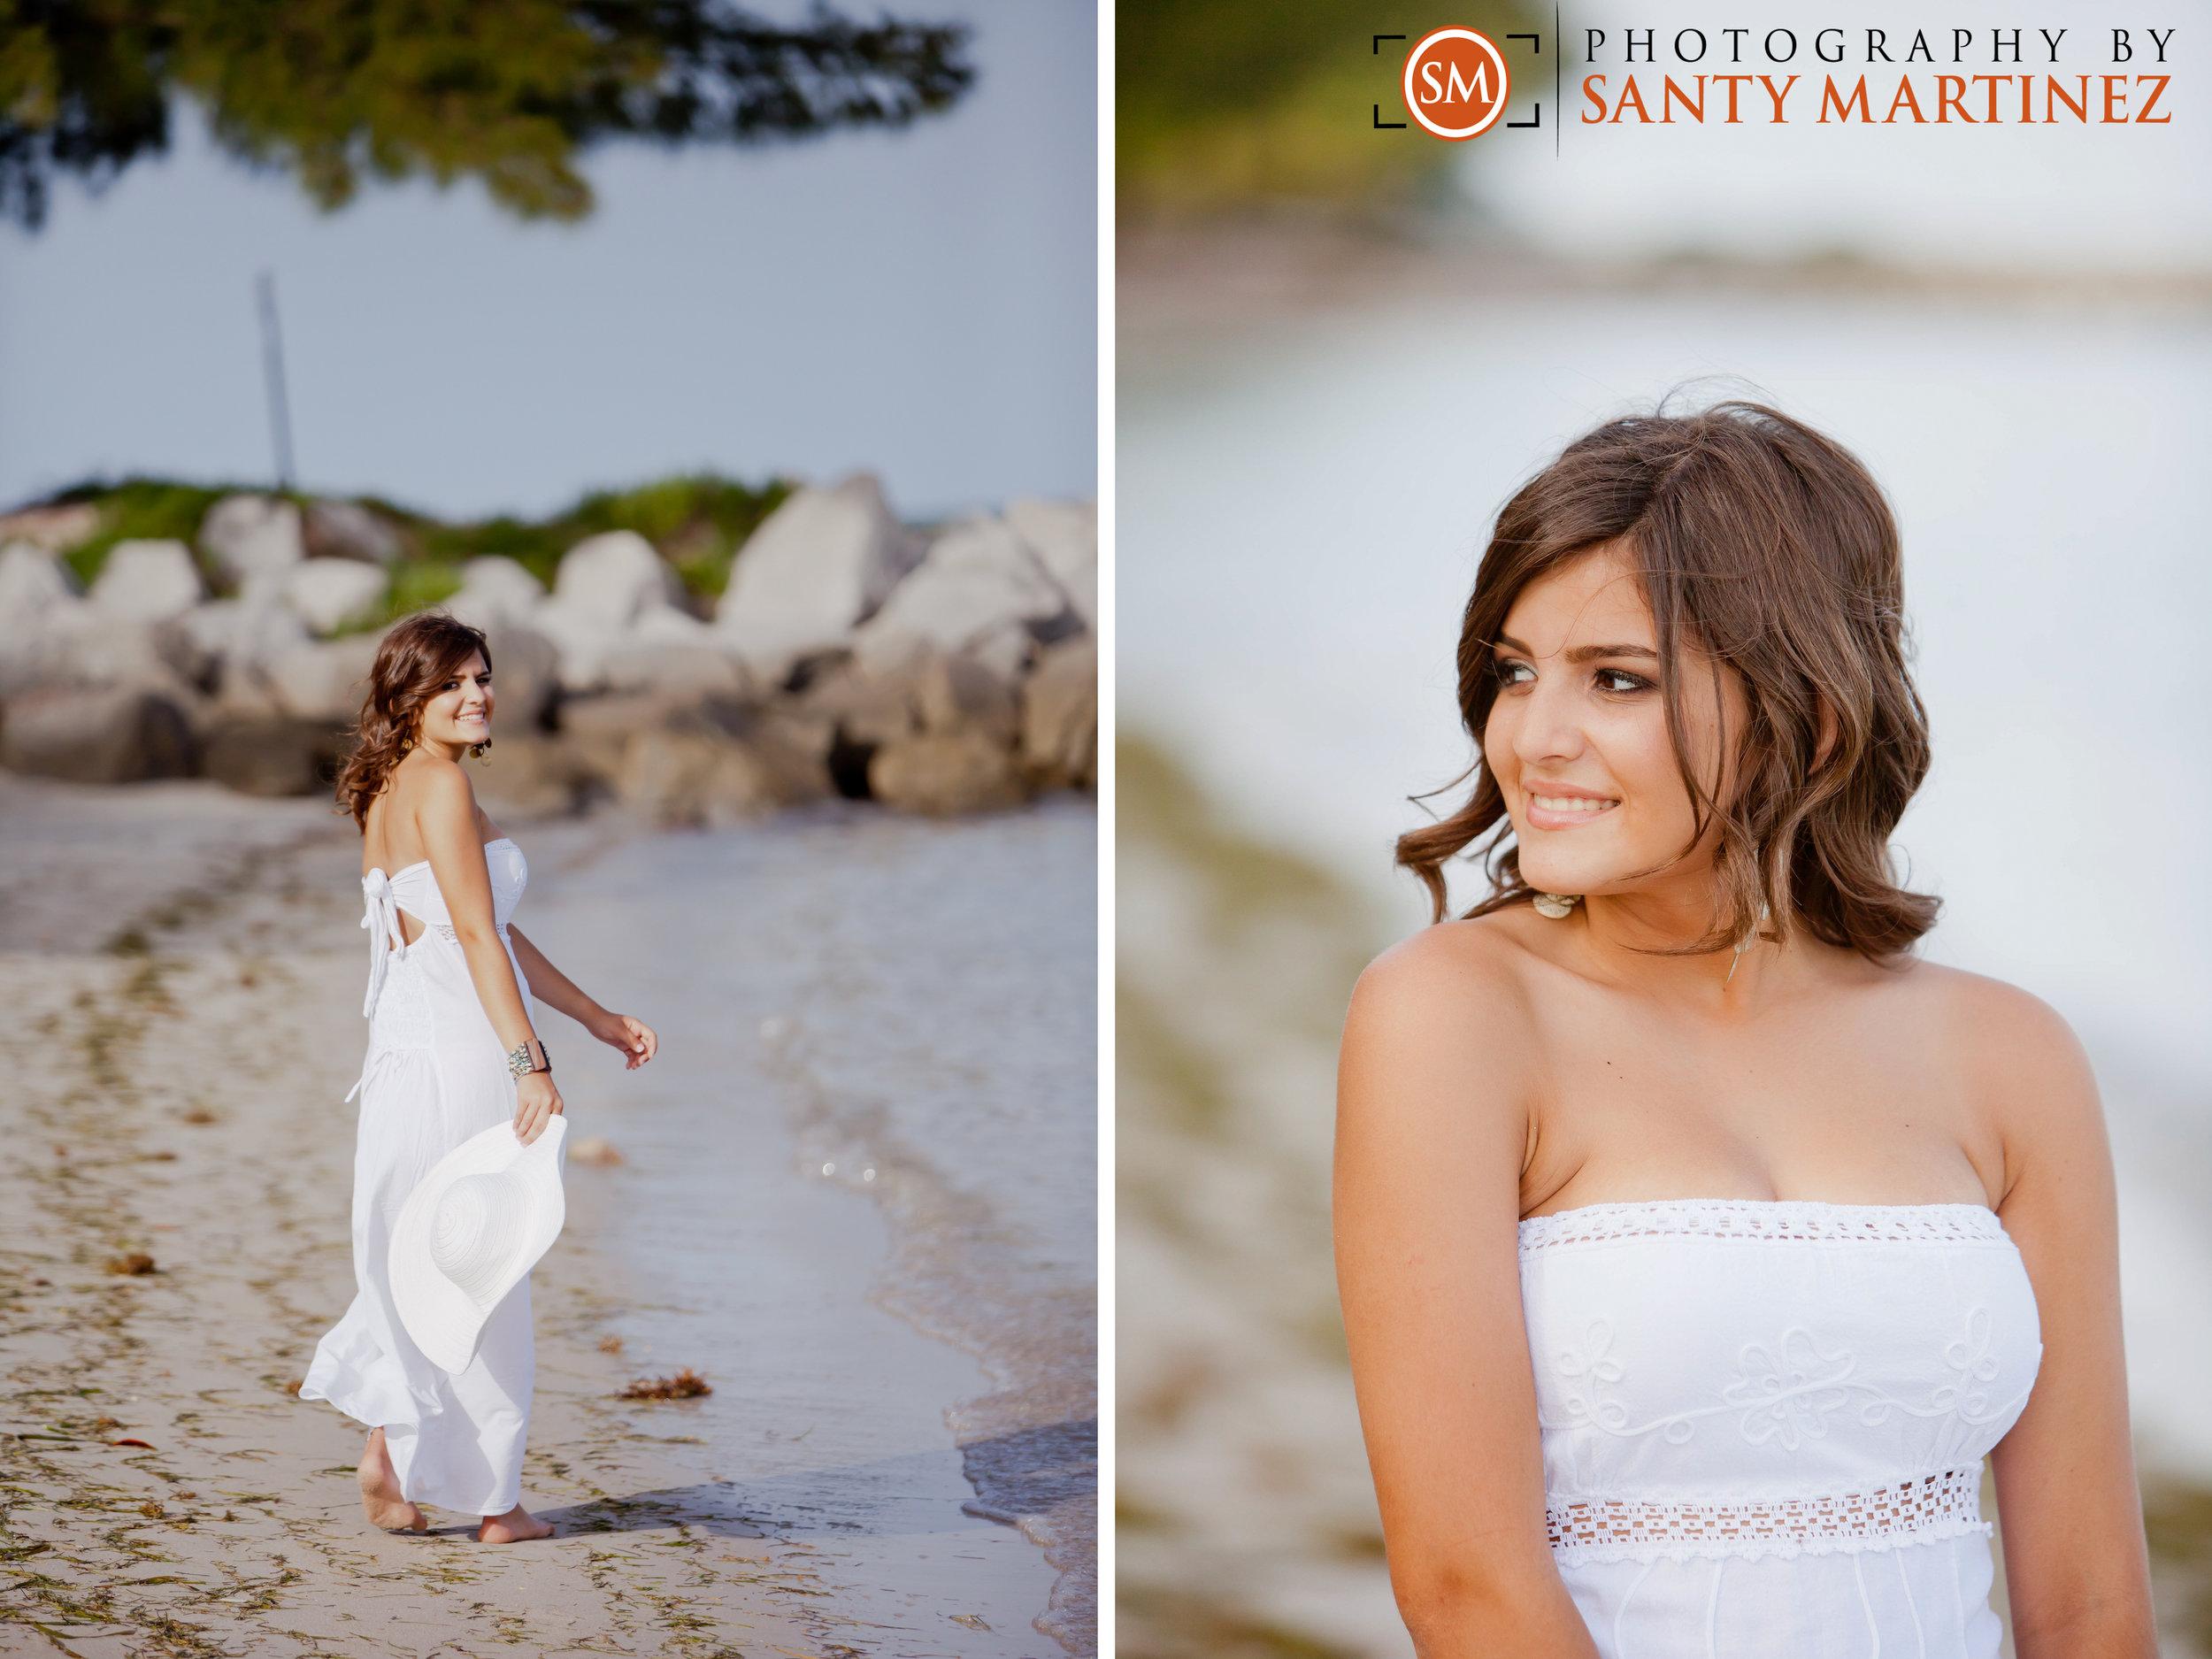 Miami Quinces Photographers - Santy Martinez -29.jpg